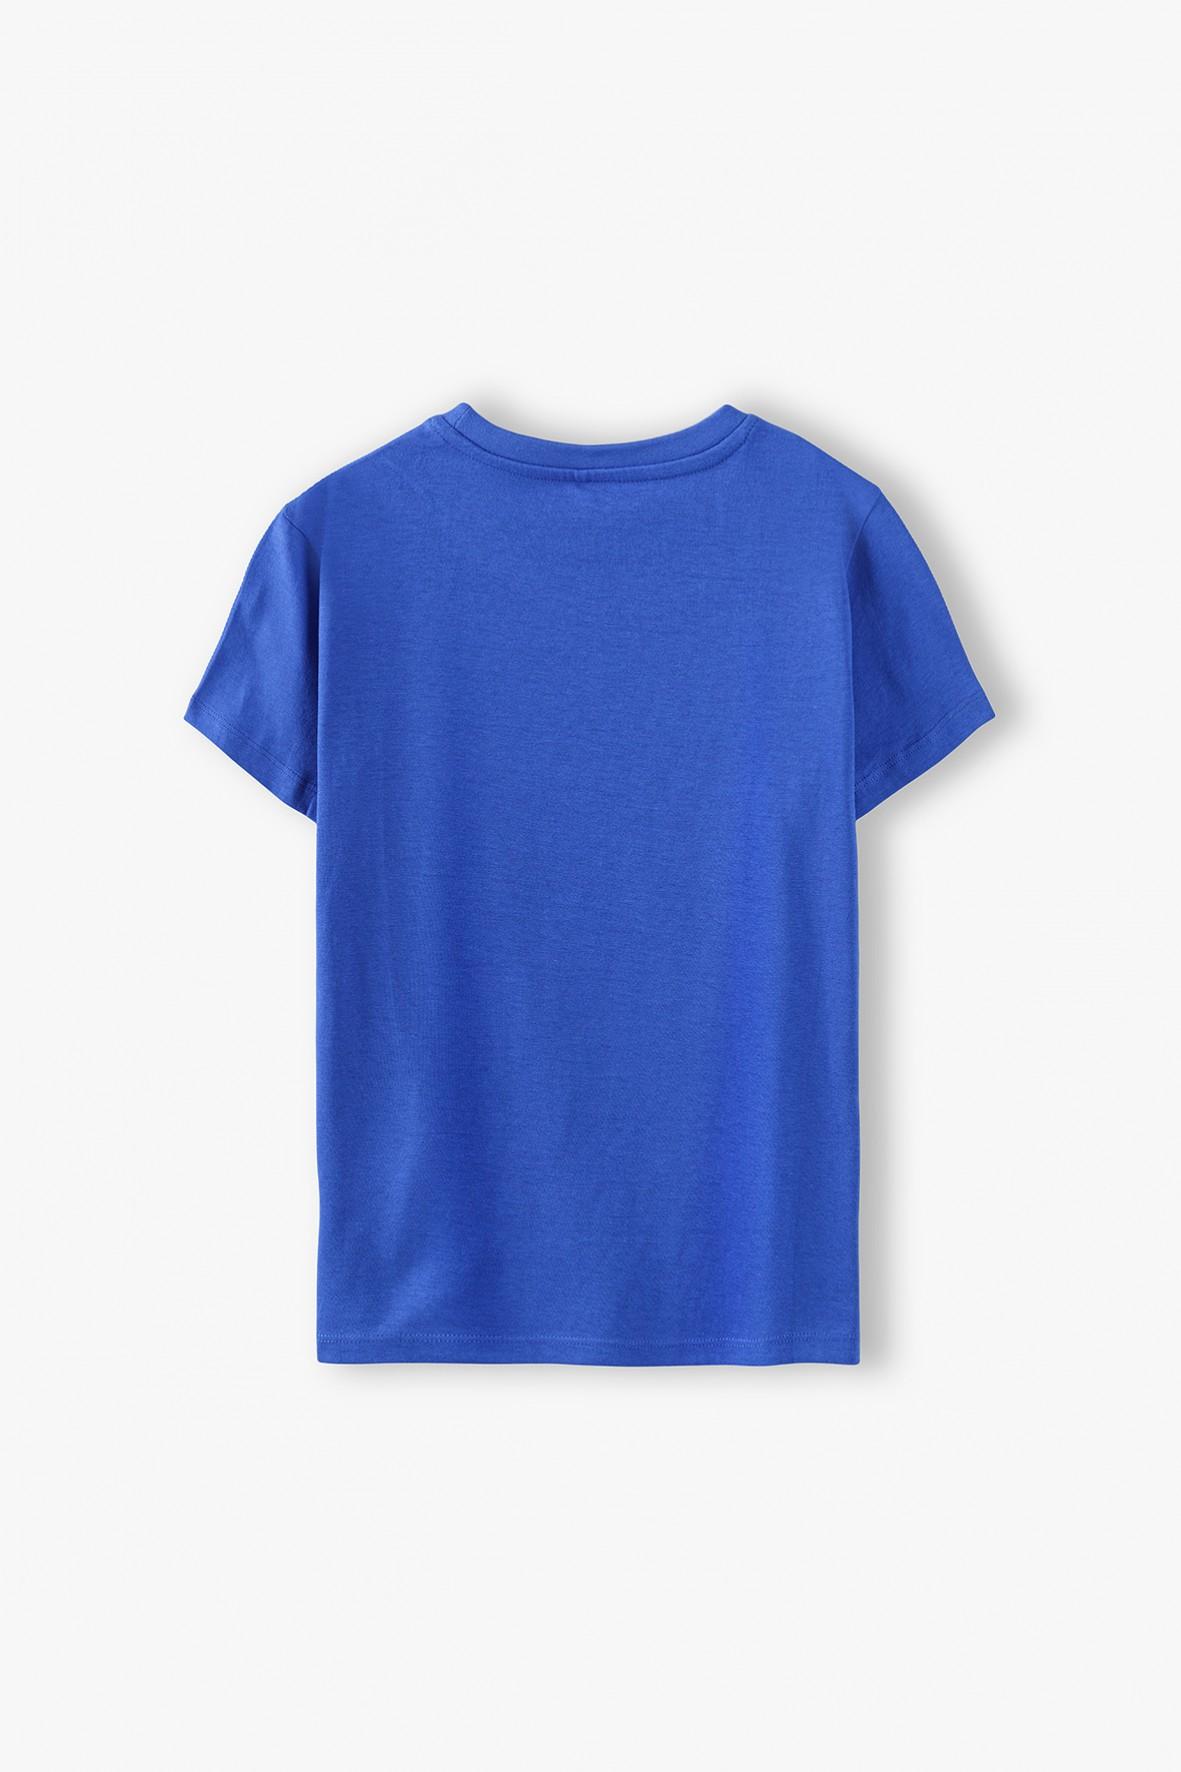 T-shirt chłopięcy w kolorze granatowym z nadrukiem